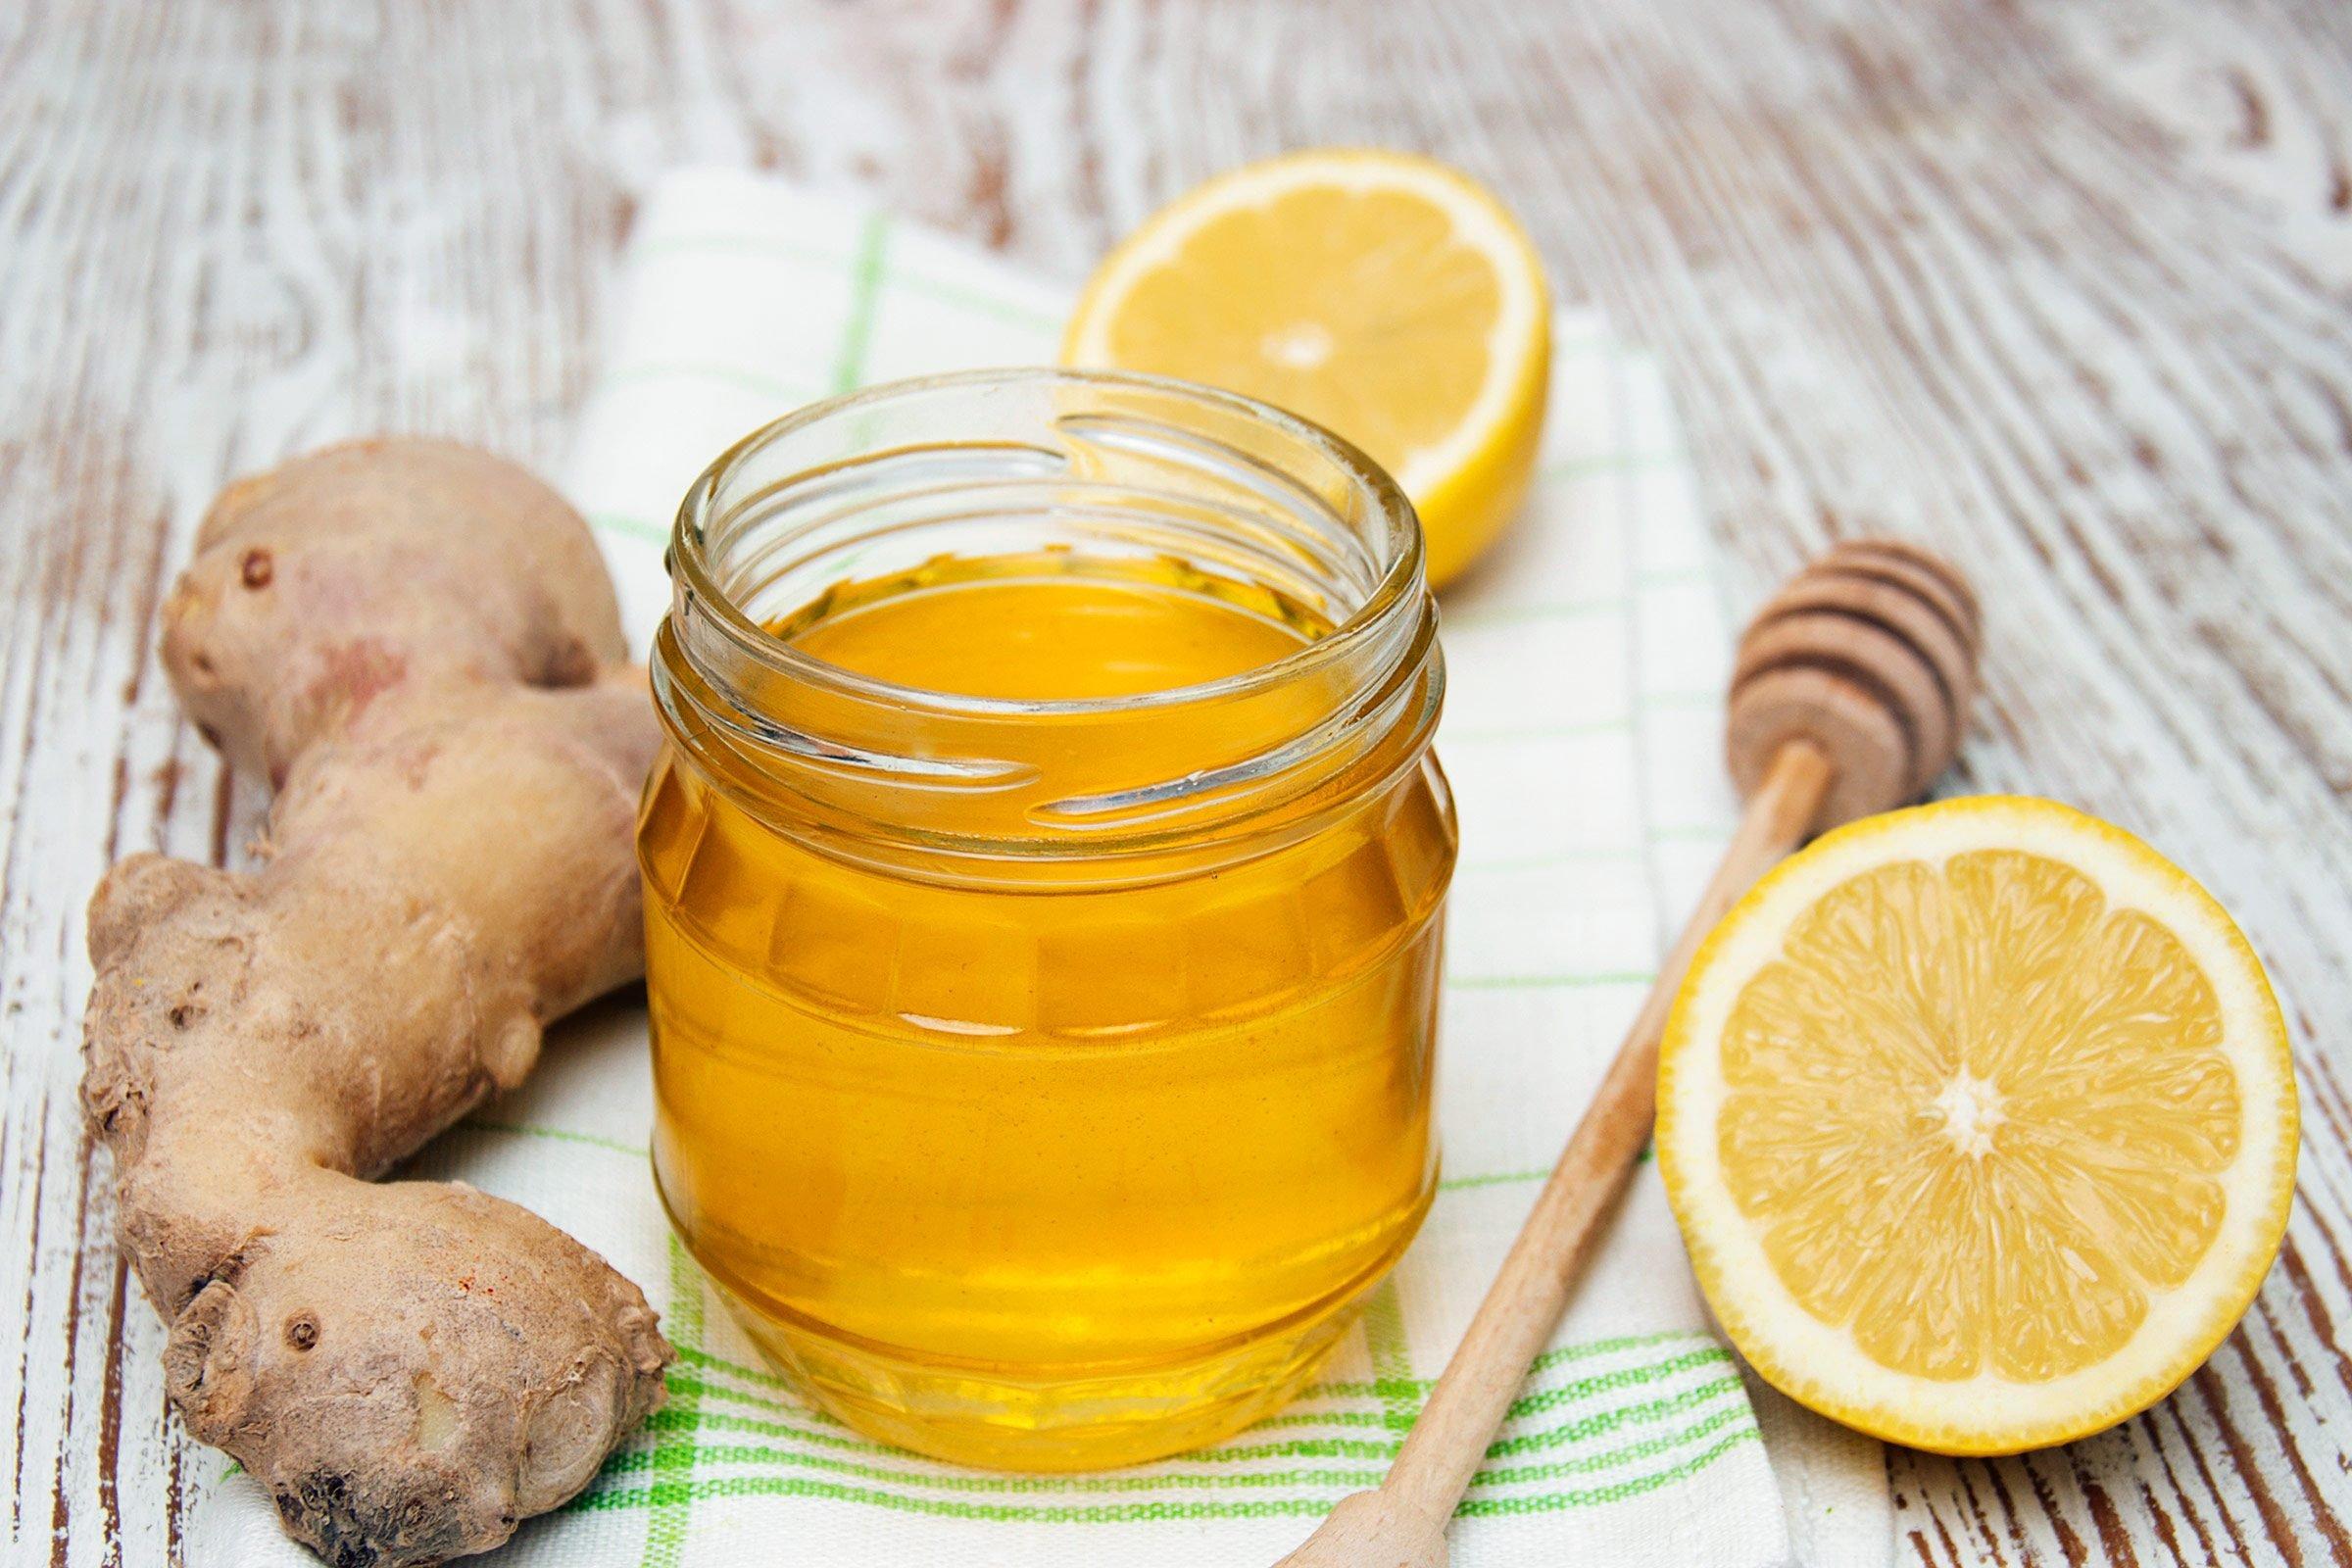 Afbeeldingsresultaat voor ginger lemon water